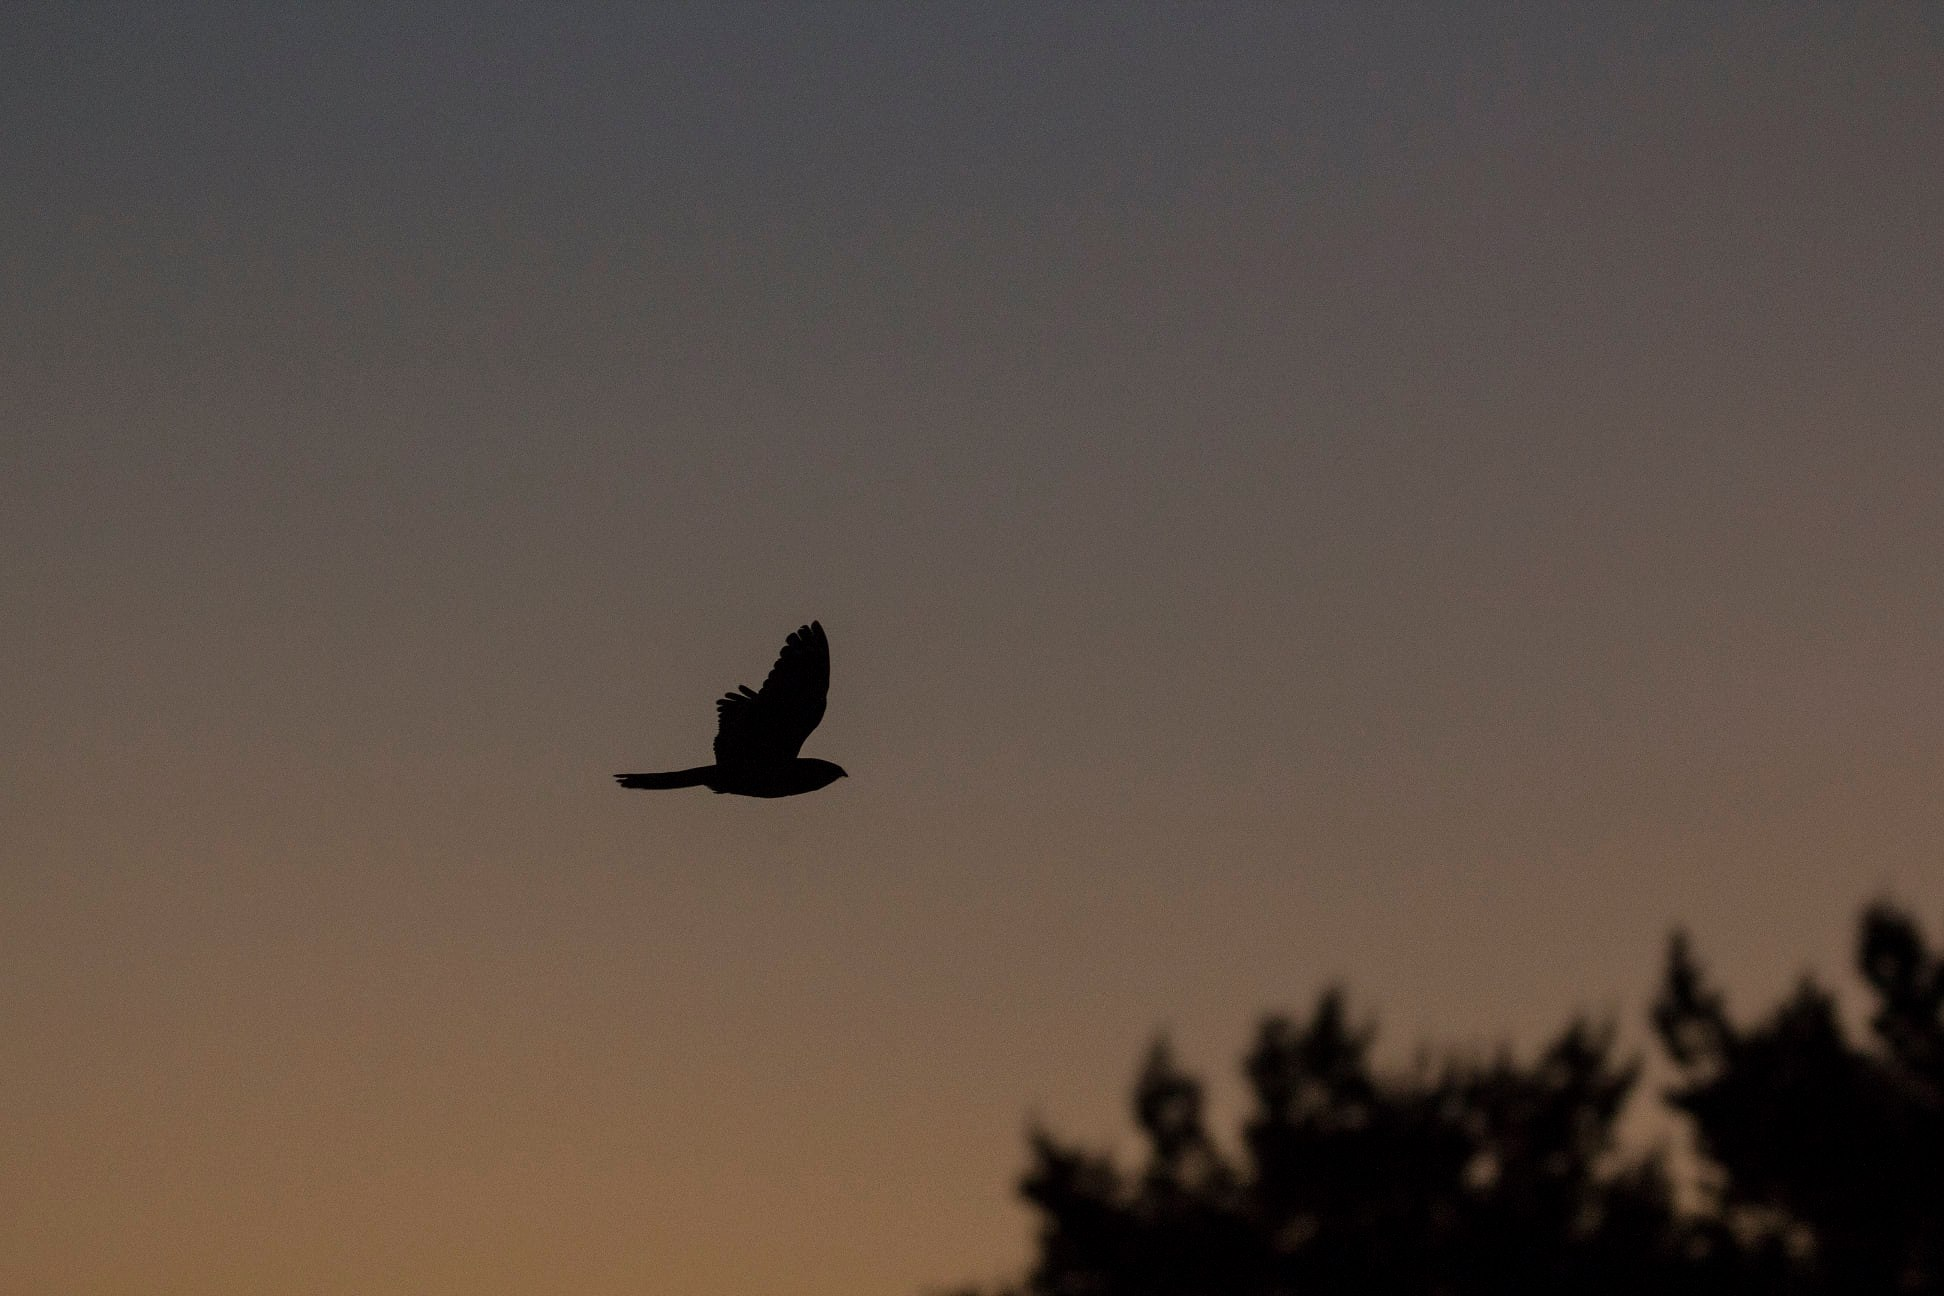 Nachtzwaluw vliegend  in de schemer